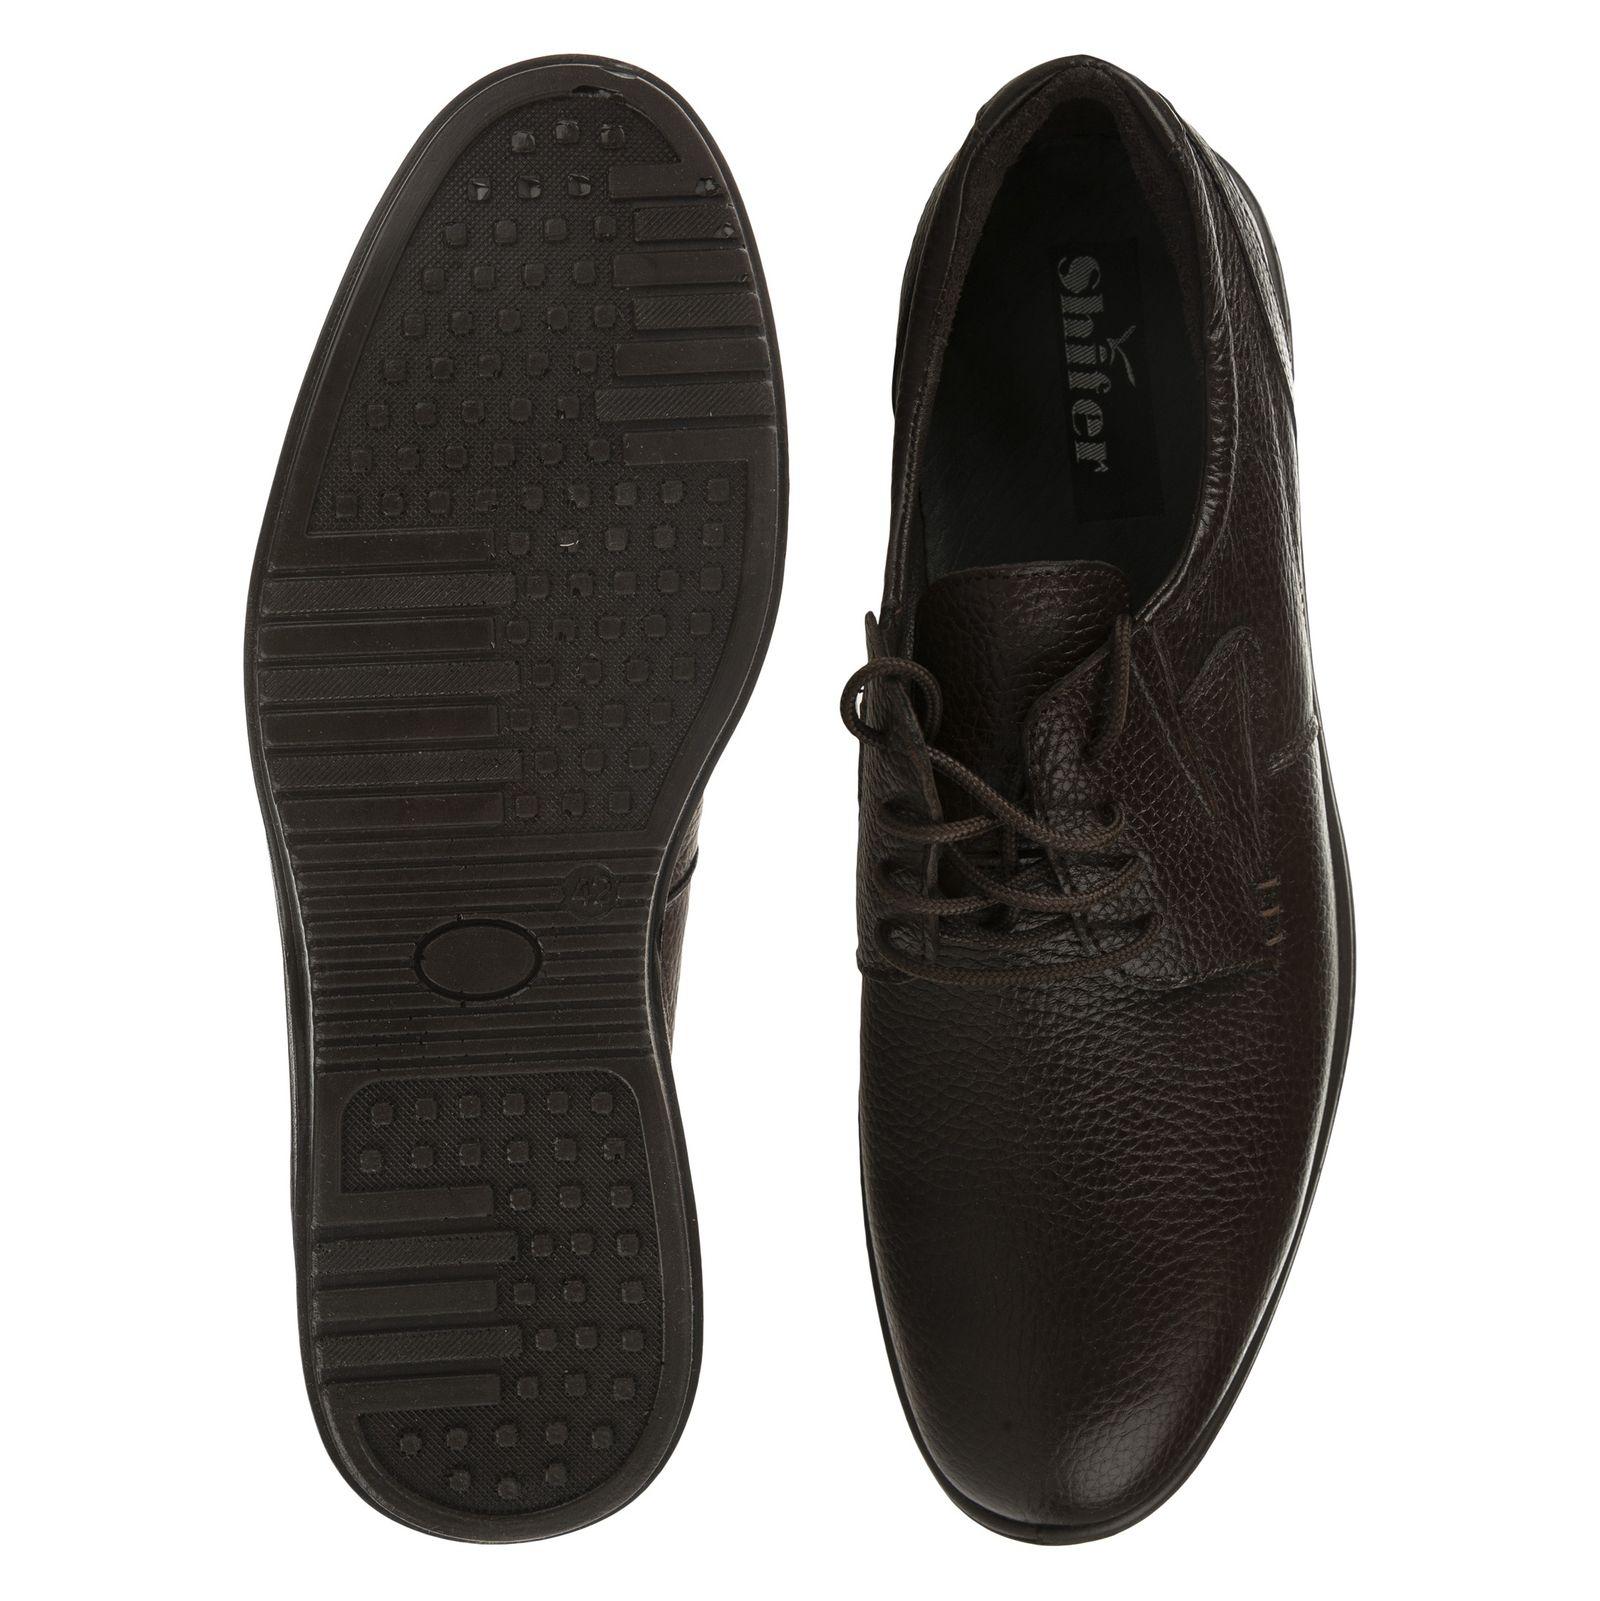 کفش روزمره مردانه شیفر مدل 7216B-104 -  - 4